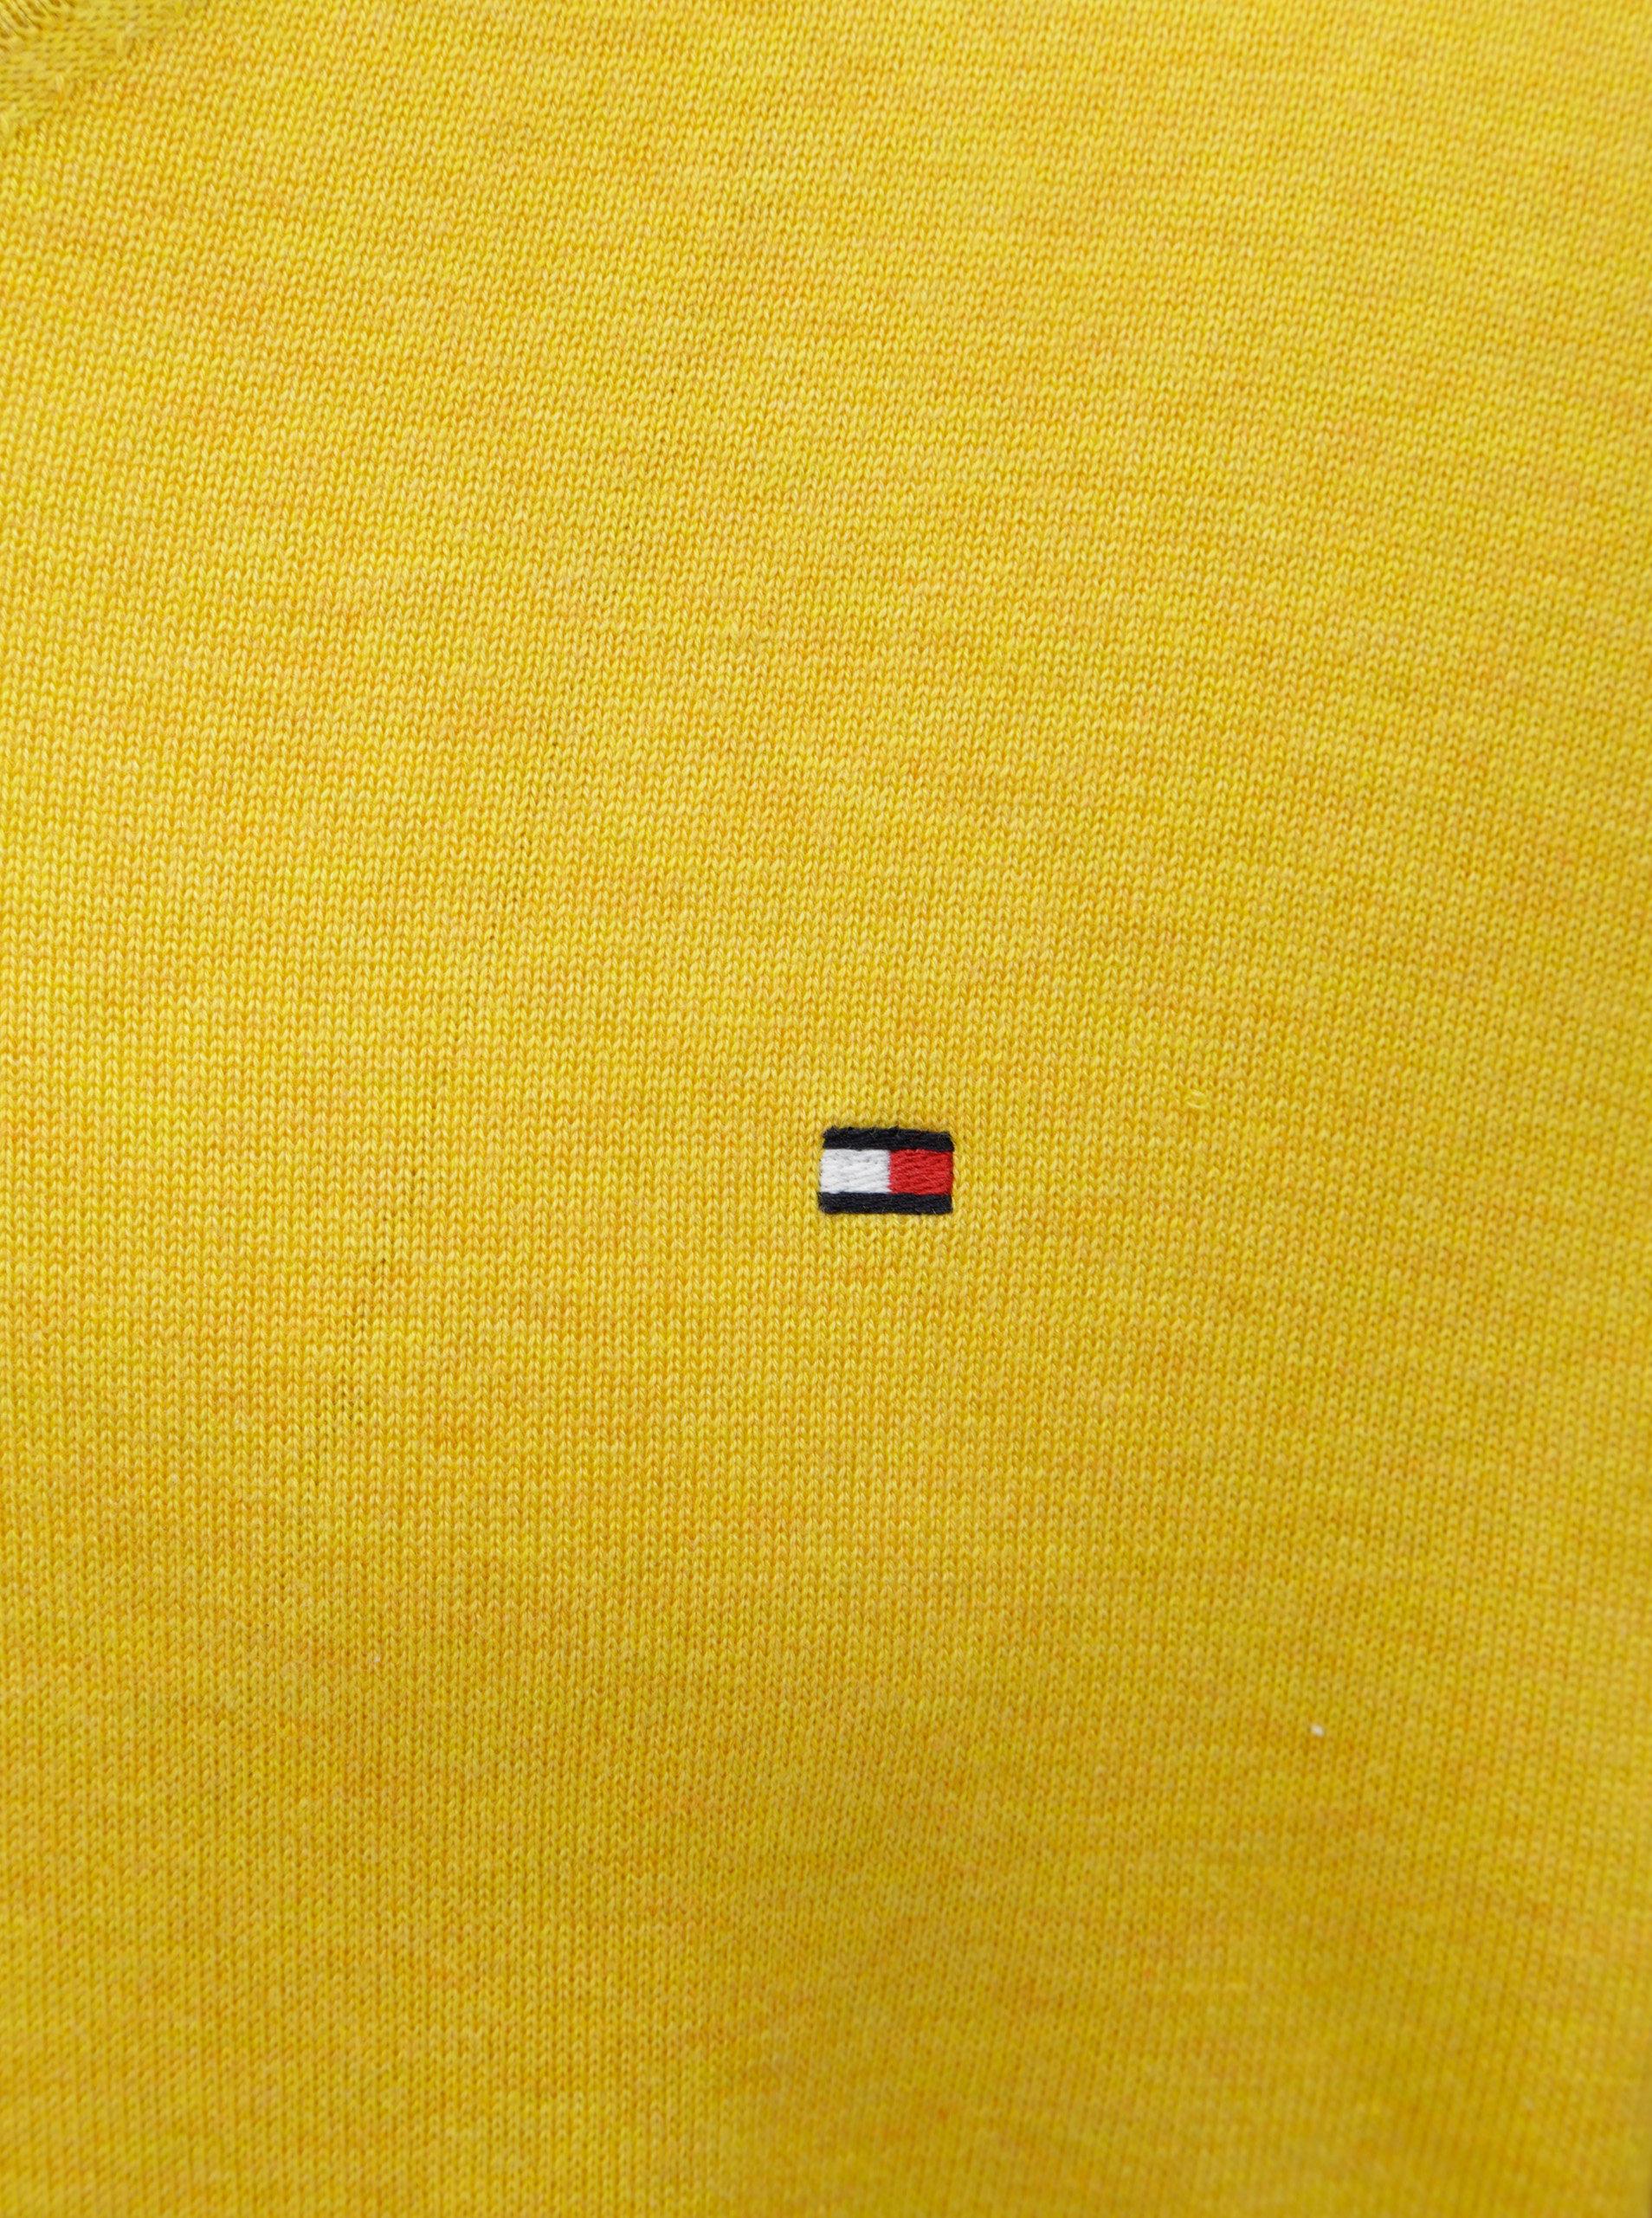 7cdf9c24dd Žltý tenký sveter s prímesou hodvábu Tommy Hilfiger ...